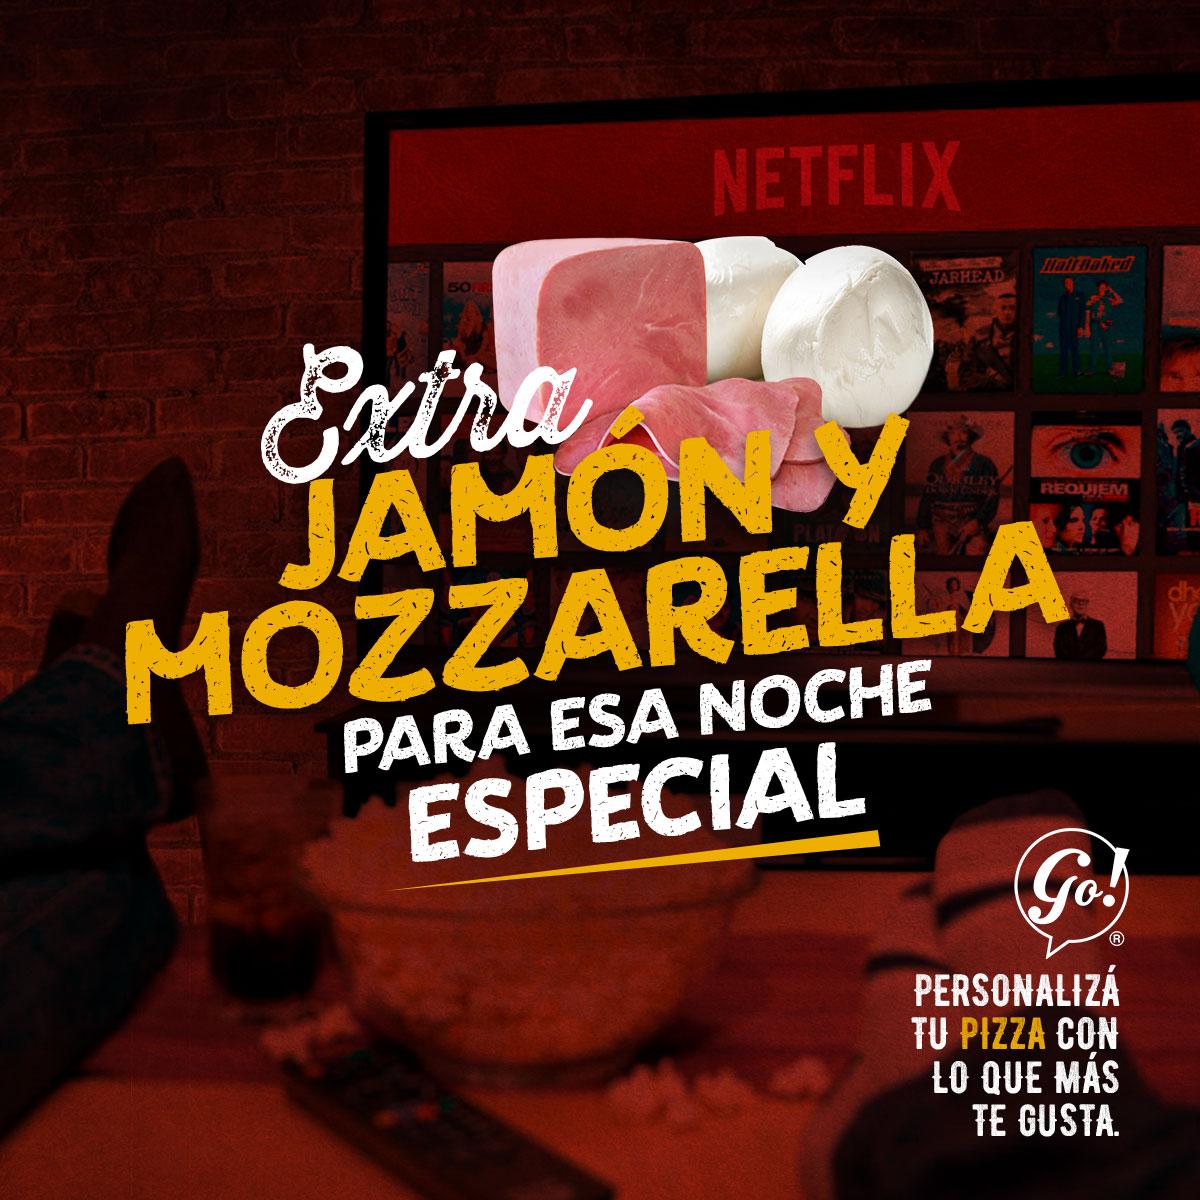 extra-jamon-y-mozzarella